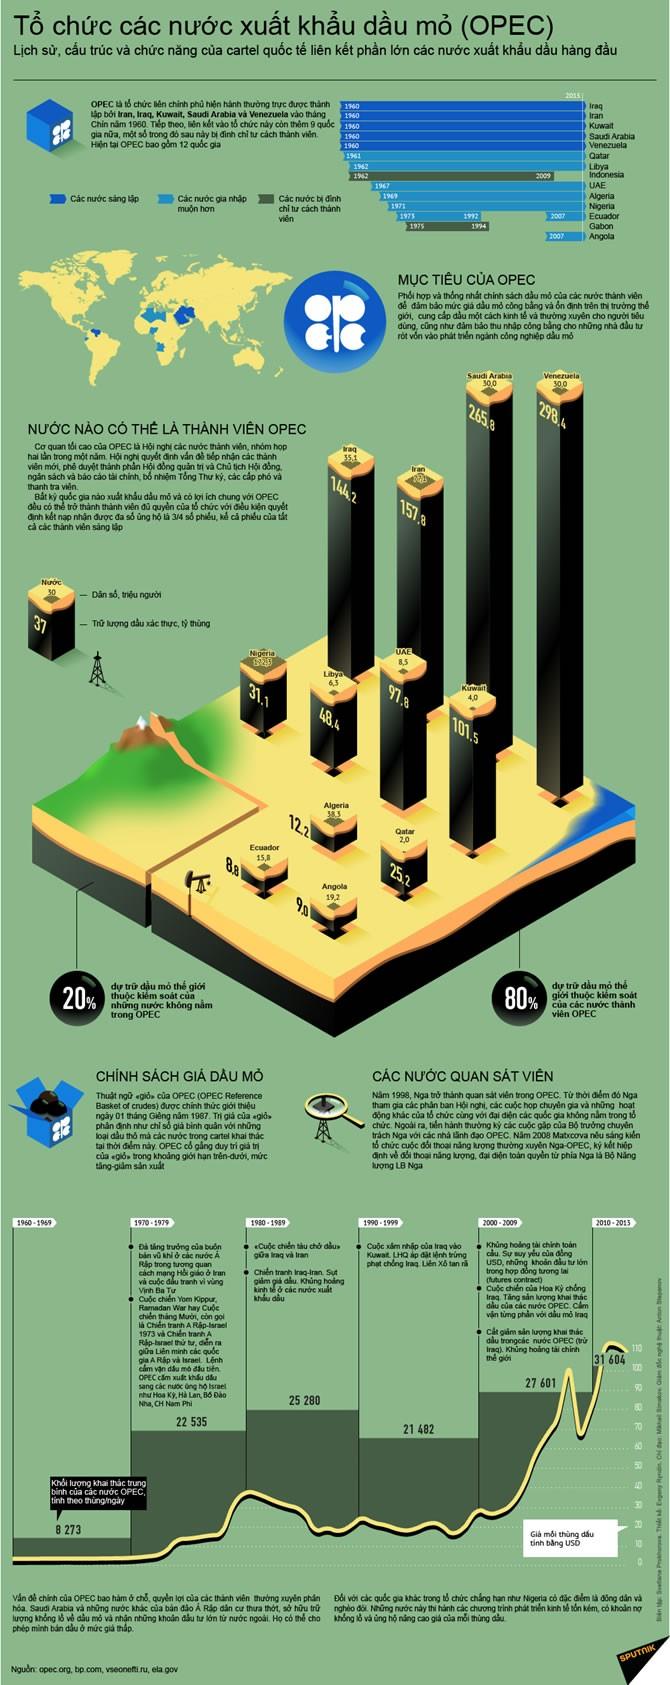 Toàn cảnh về cấu trúc sức mạnh của OPEC ảnh 1